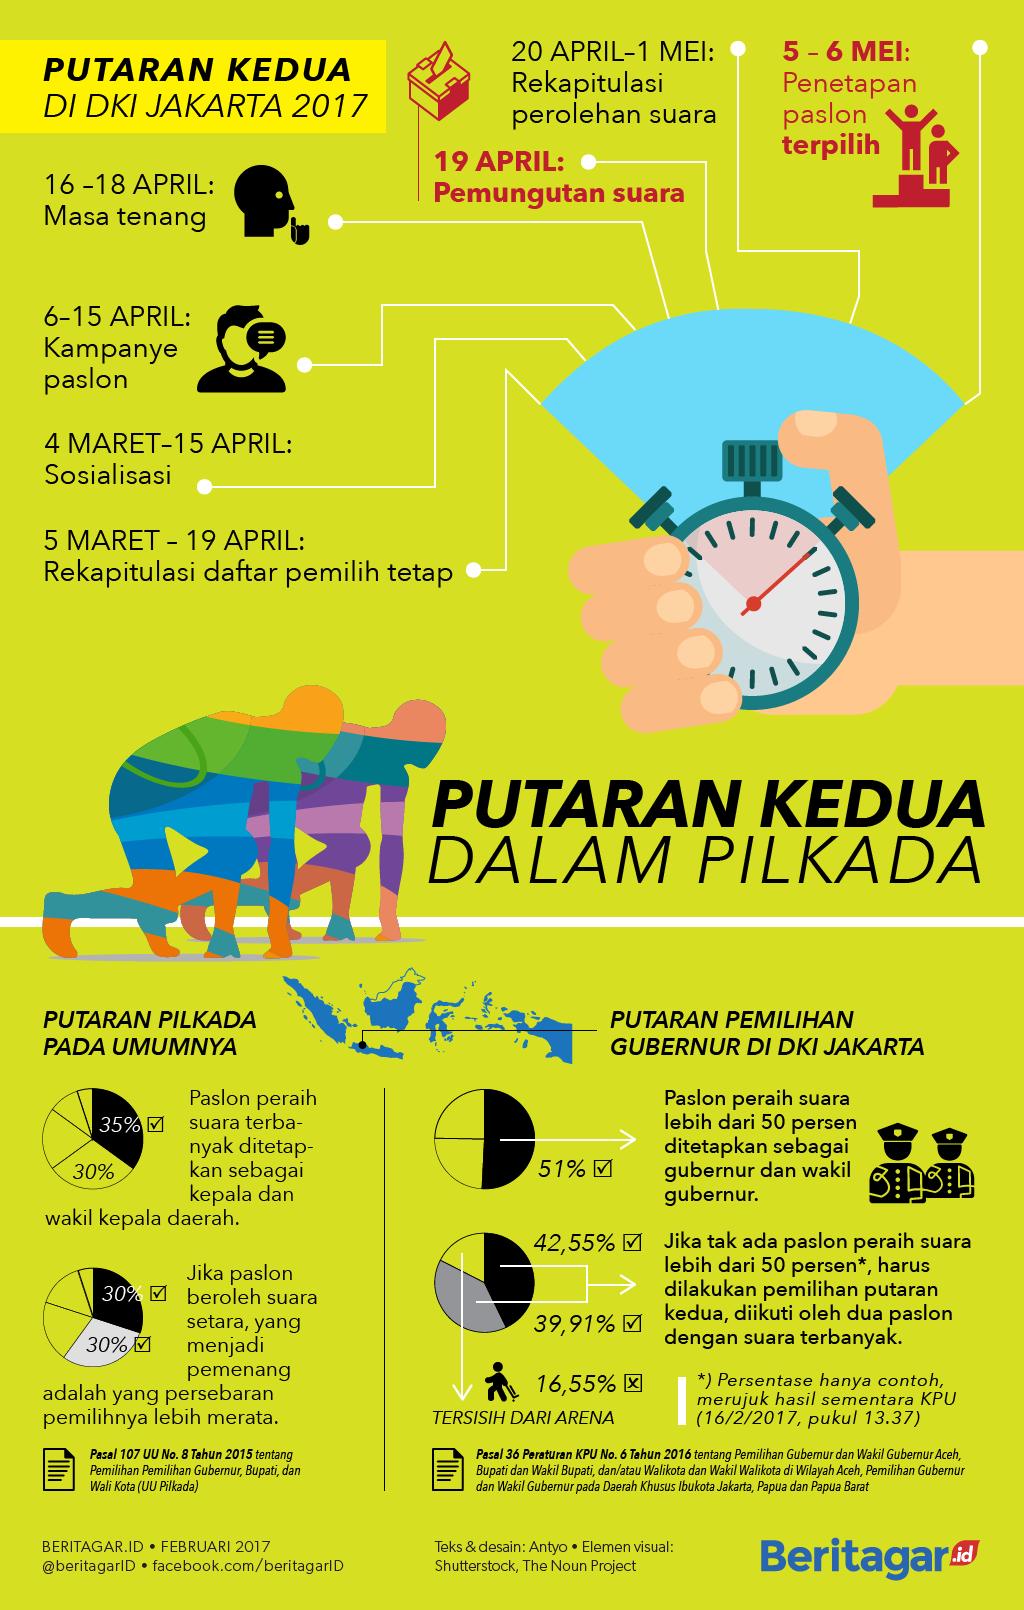 Contoh Gambar Poster Cuci Tangan Covid 19 - DOKUMEN PAUD ...